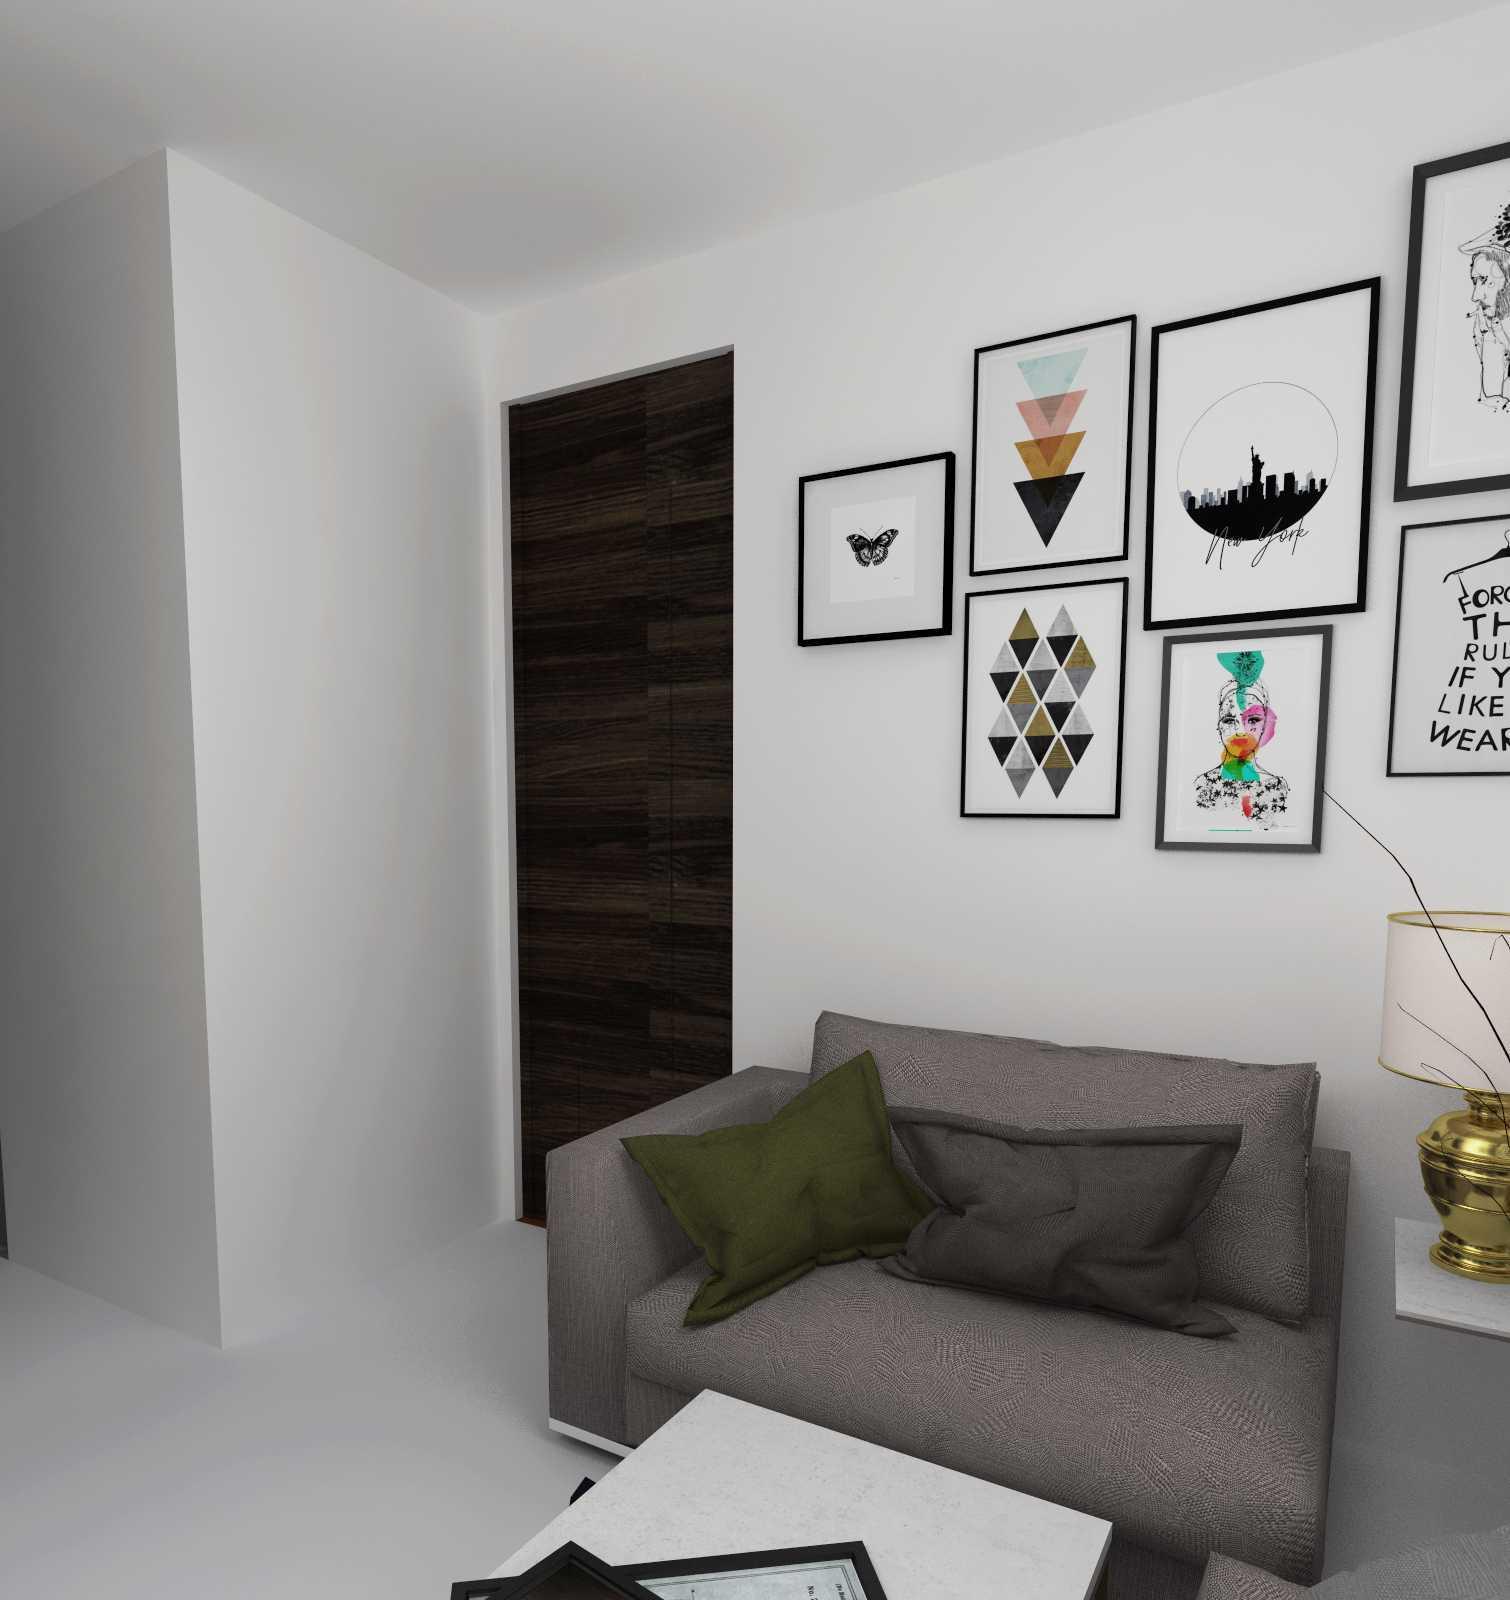 Astabumi Studio Omah Taman Singgah Tegal Tegal, Kota Tegal, Jawa Tengah, Indonesia Tegal, Kota Tegal, Jawa Tengah, Indonesia Astabumi-Architect-Interior-Design-Omah-Taman-Singgah-Tegal  84114